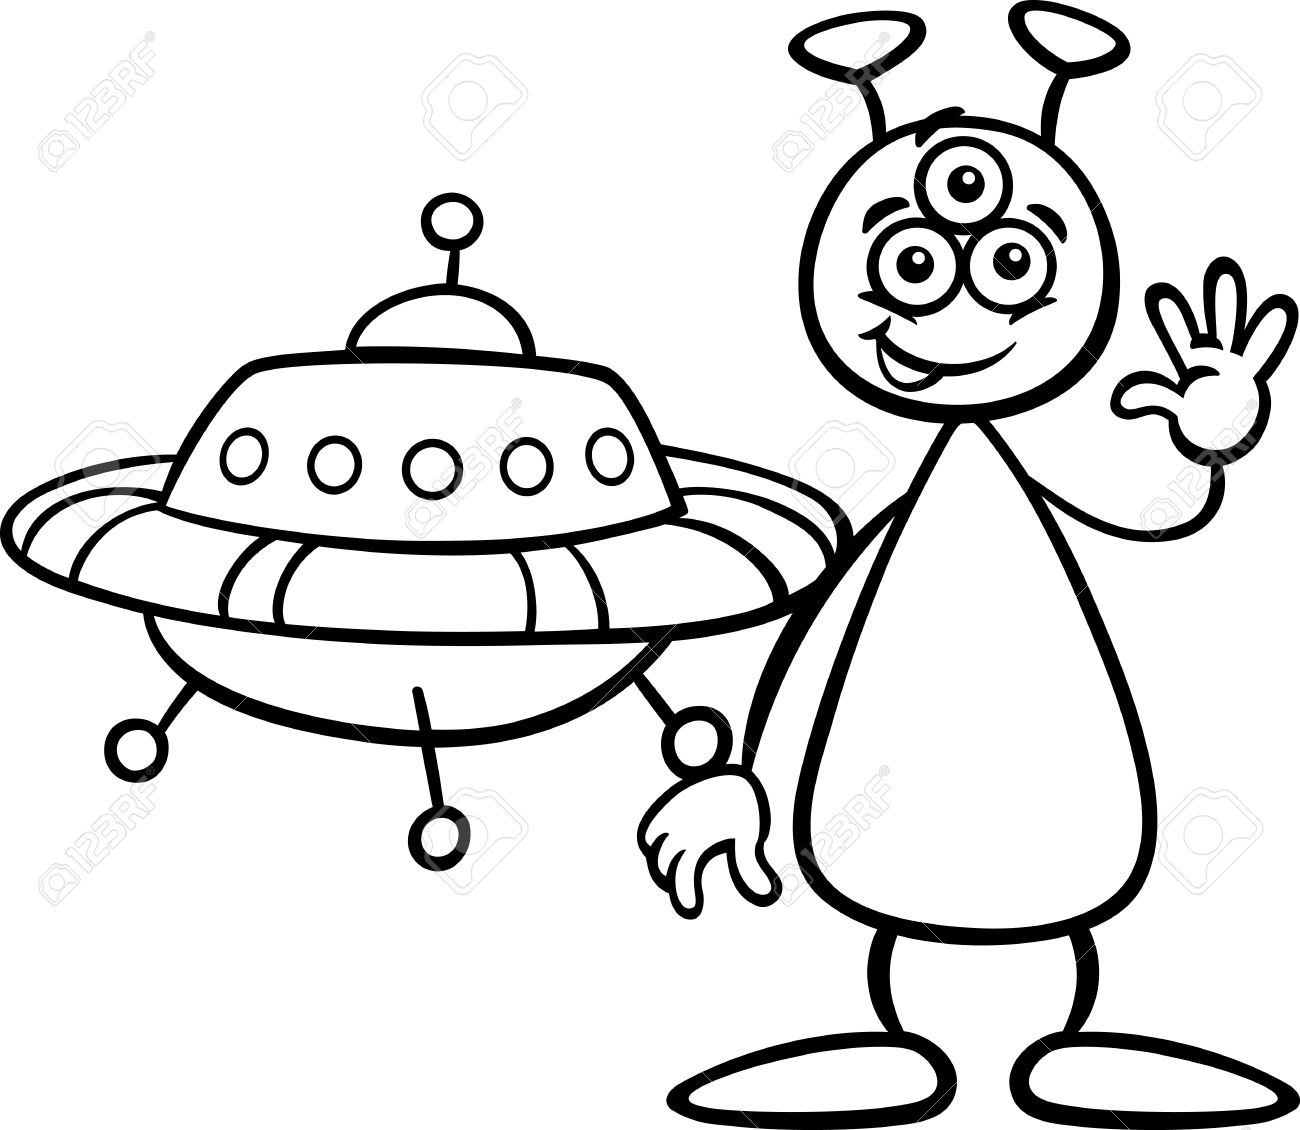 1300x1130 Drawn Spaceship Cartoon Alien